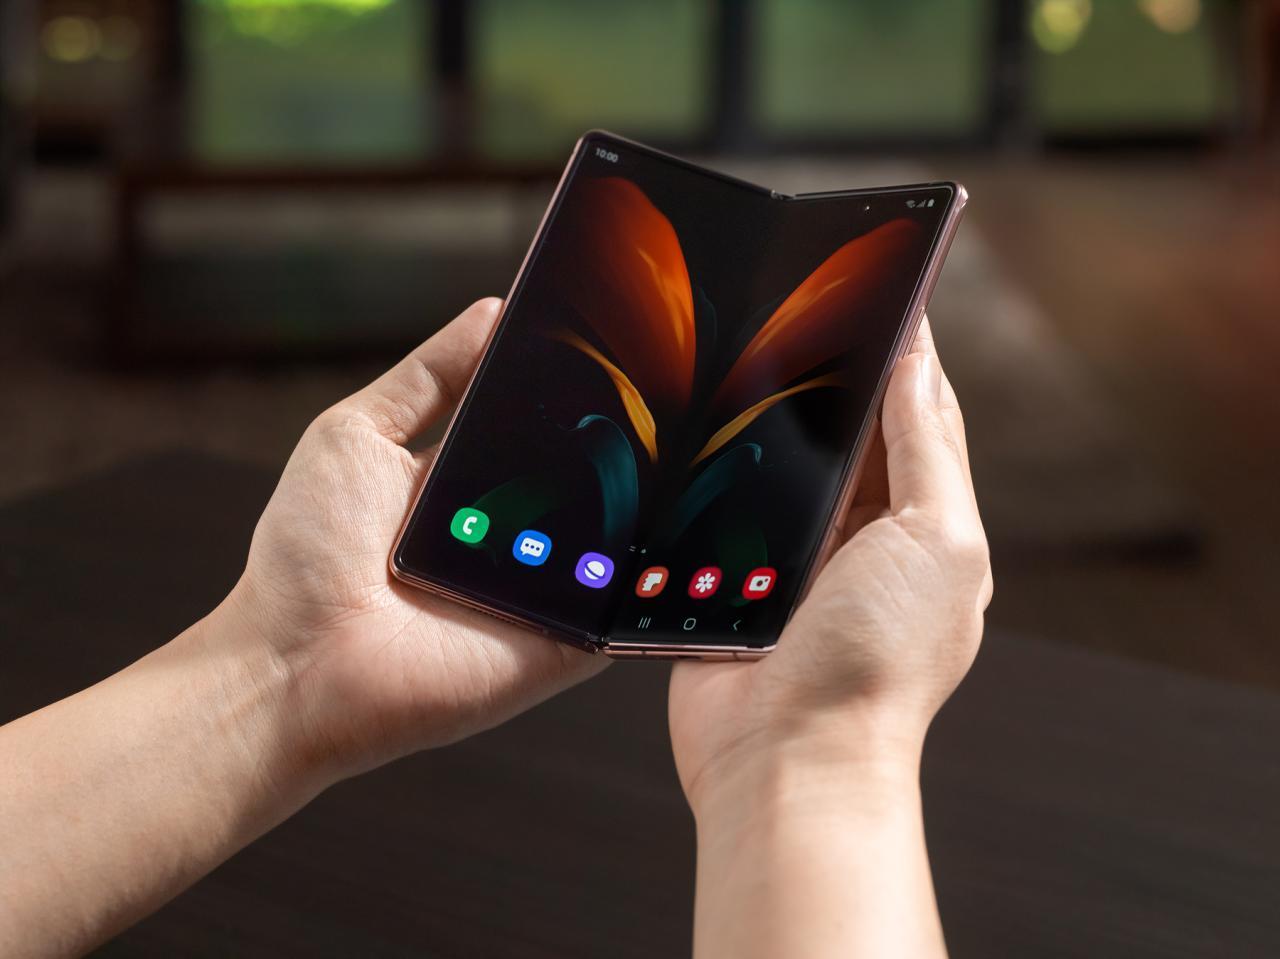 Новые подробности о трех складных смартфонах Samsung 2021 года: чего ждать от Galaxy Z Fold Lite, Galaxy Z Flip 3 и Galaxy Z Fold 3